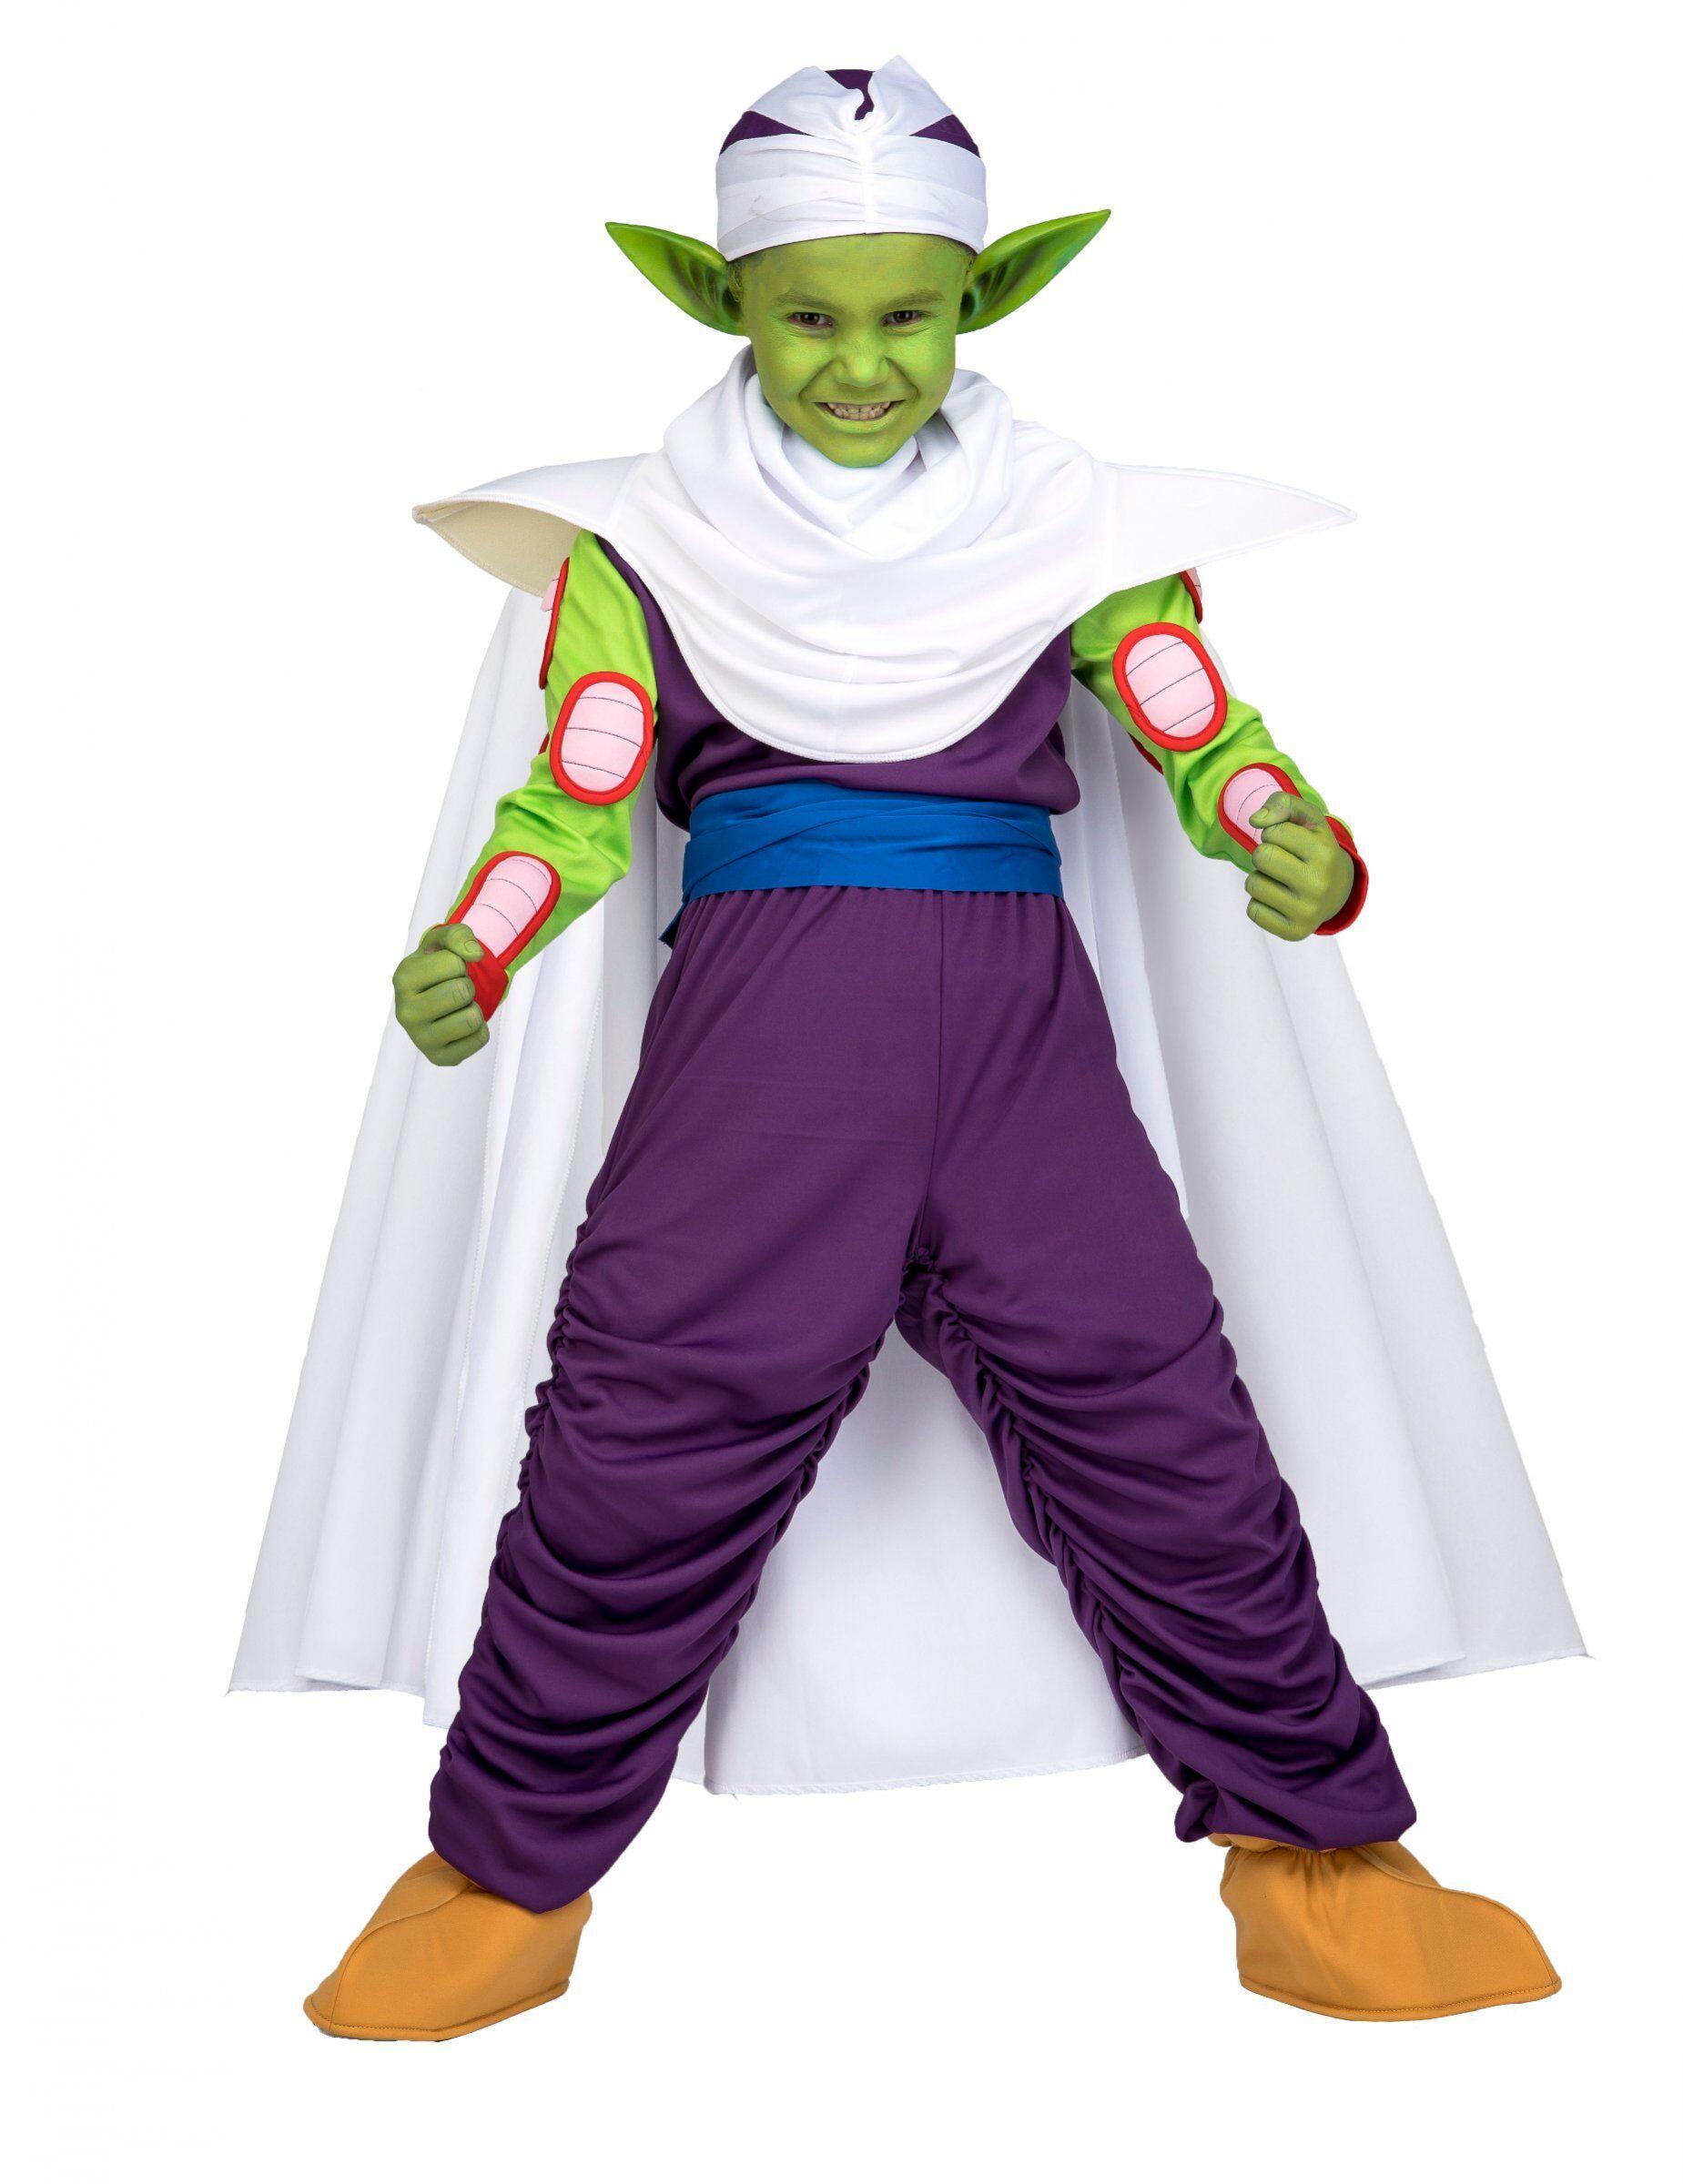 Deguisetoi Coffret déguisement Piccolo Dragon Ball enfant avec maquillage - Taille: 5 - 6 ans (110 - 122 cm)